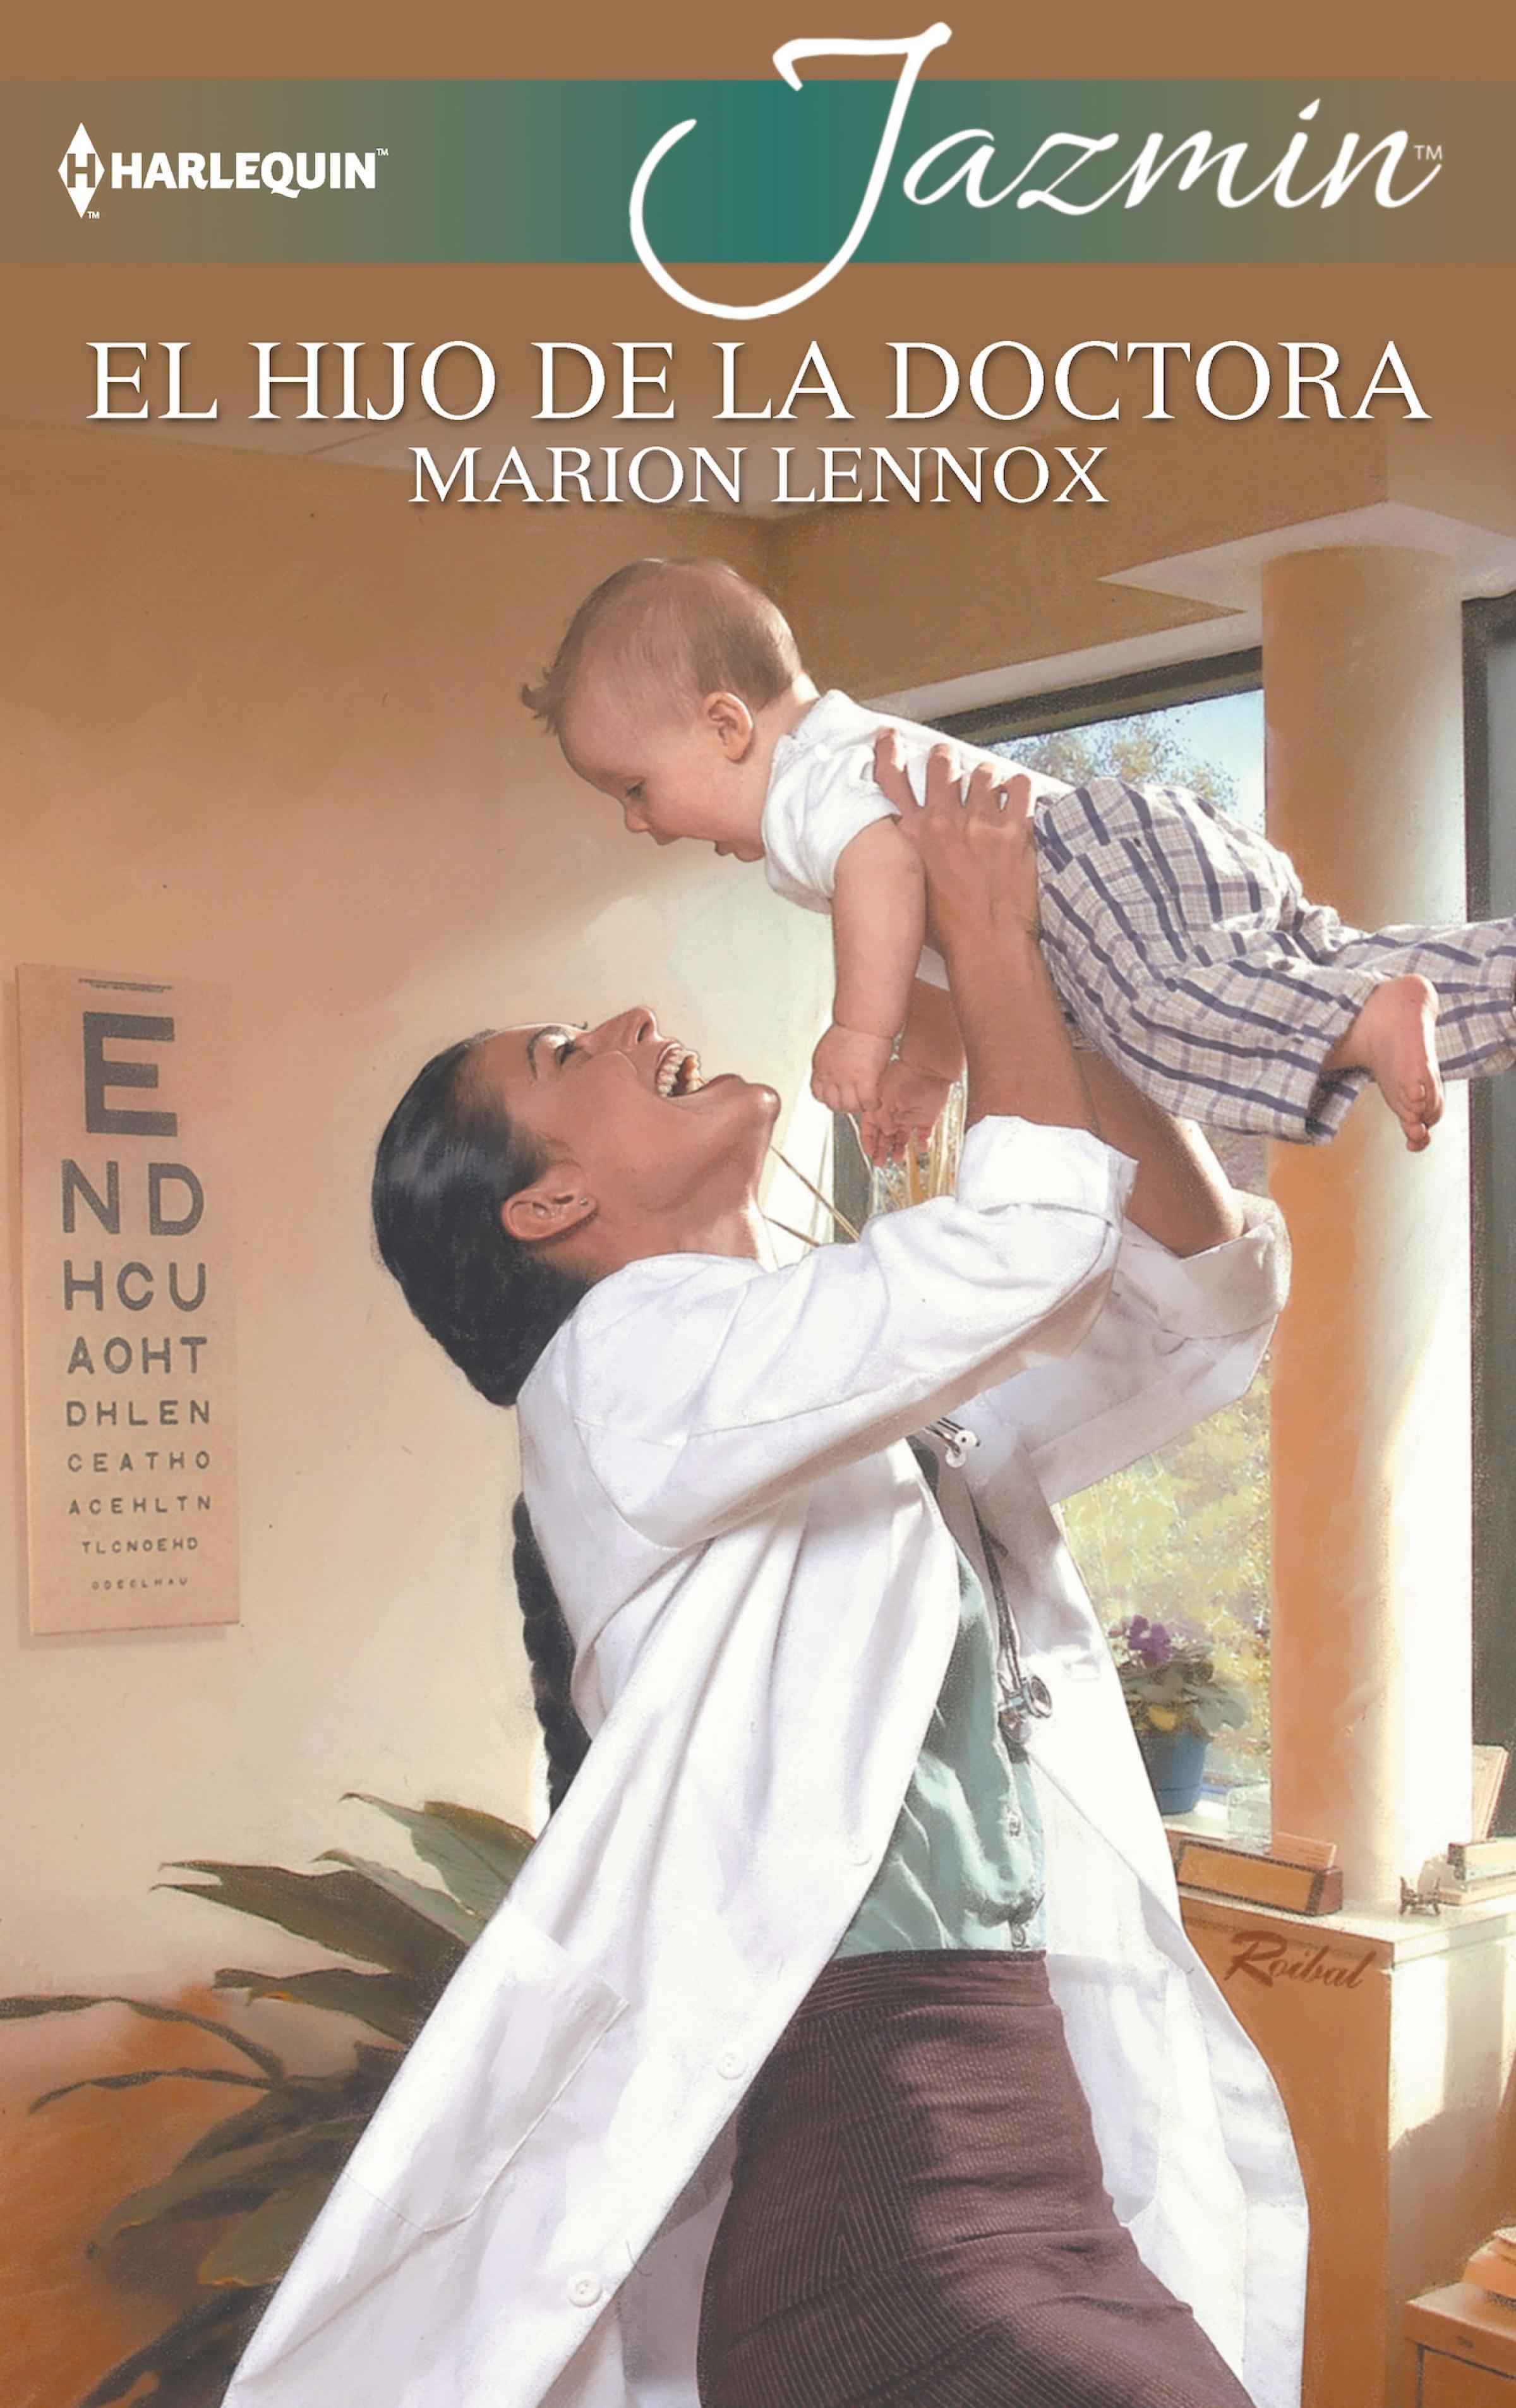 Marion Lennox El hijo de la doctora